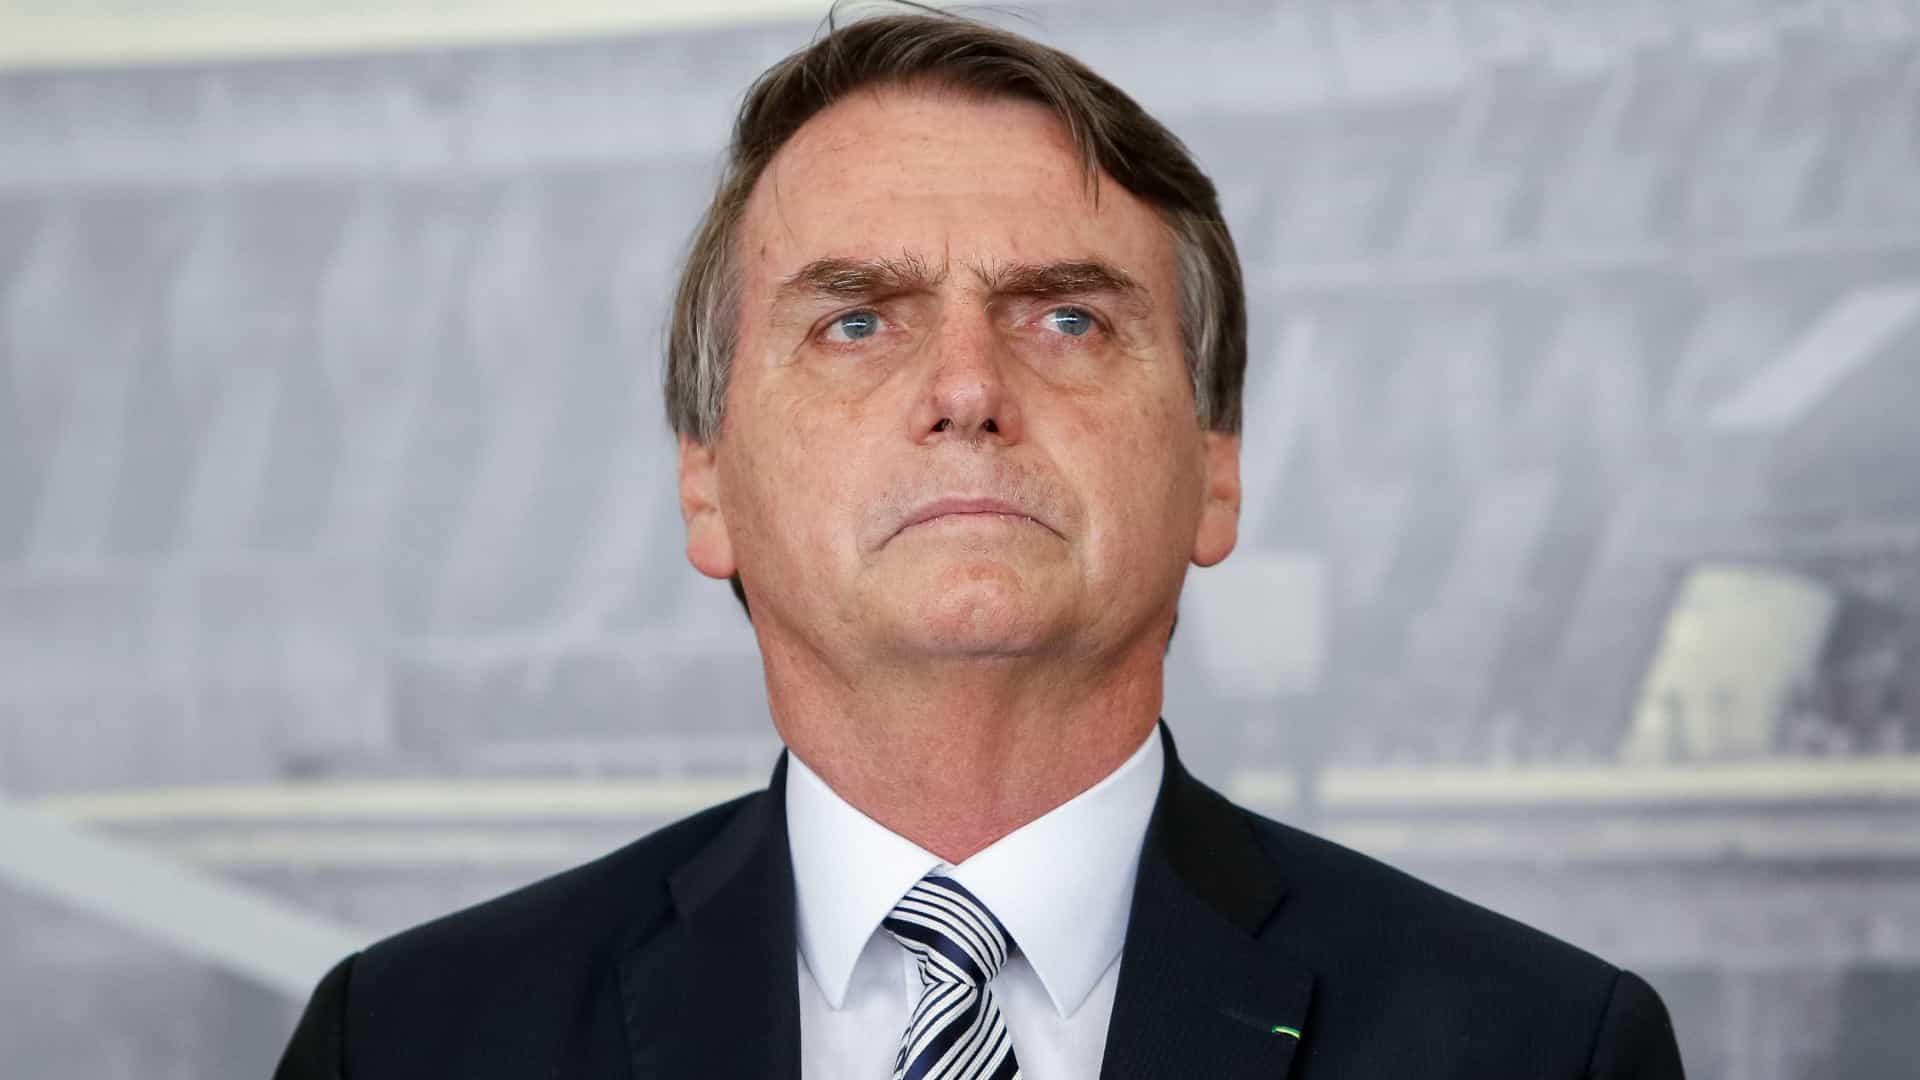 Datafolha: aprovação e reprovação de Bolsonaro se igualam em 33%